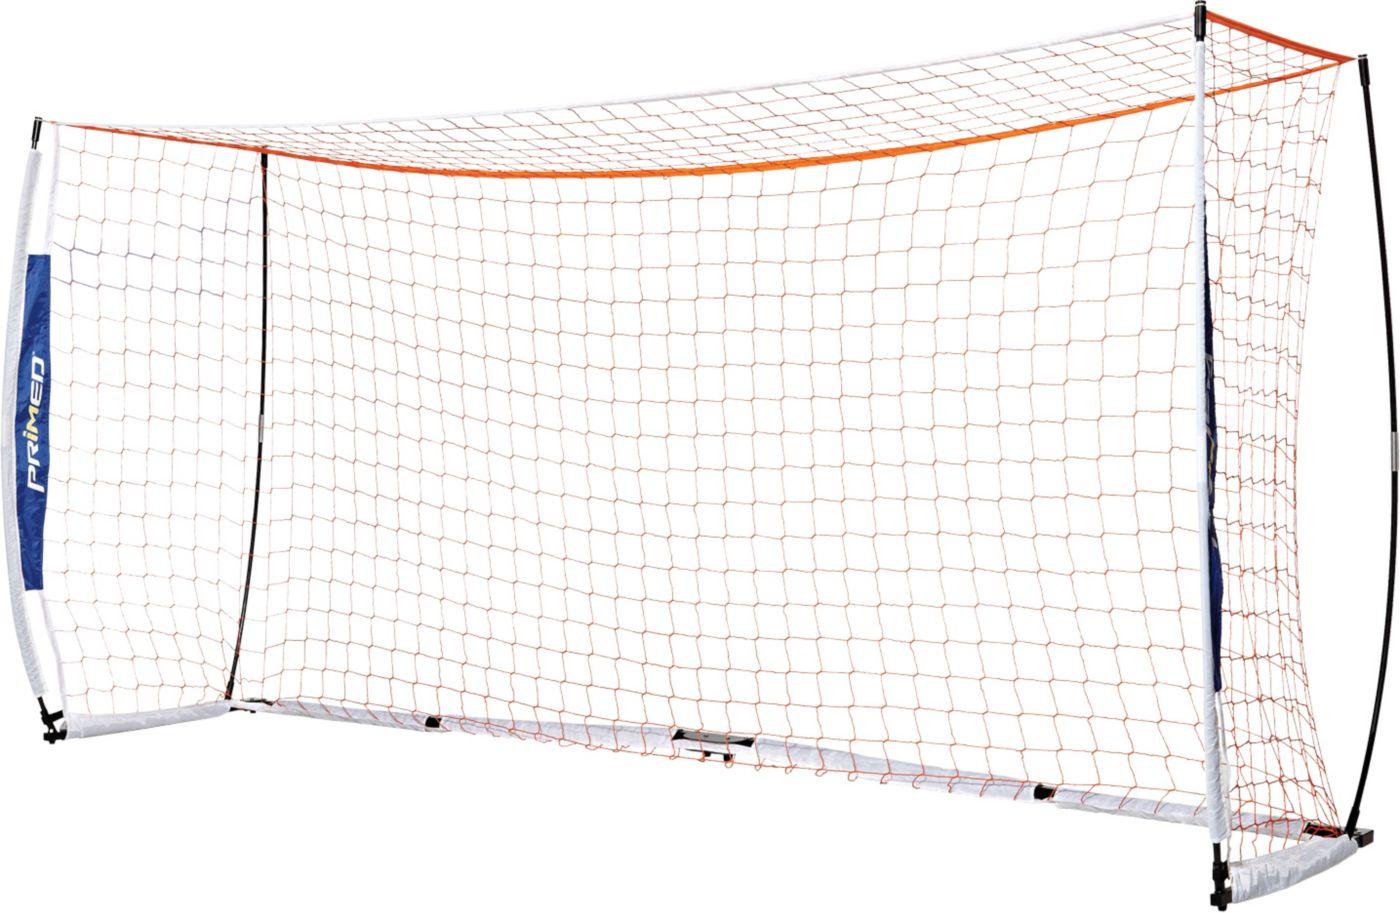 PRIMED 12' x 6' Instant Soccer Goal